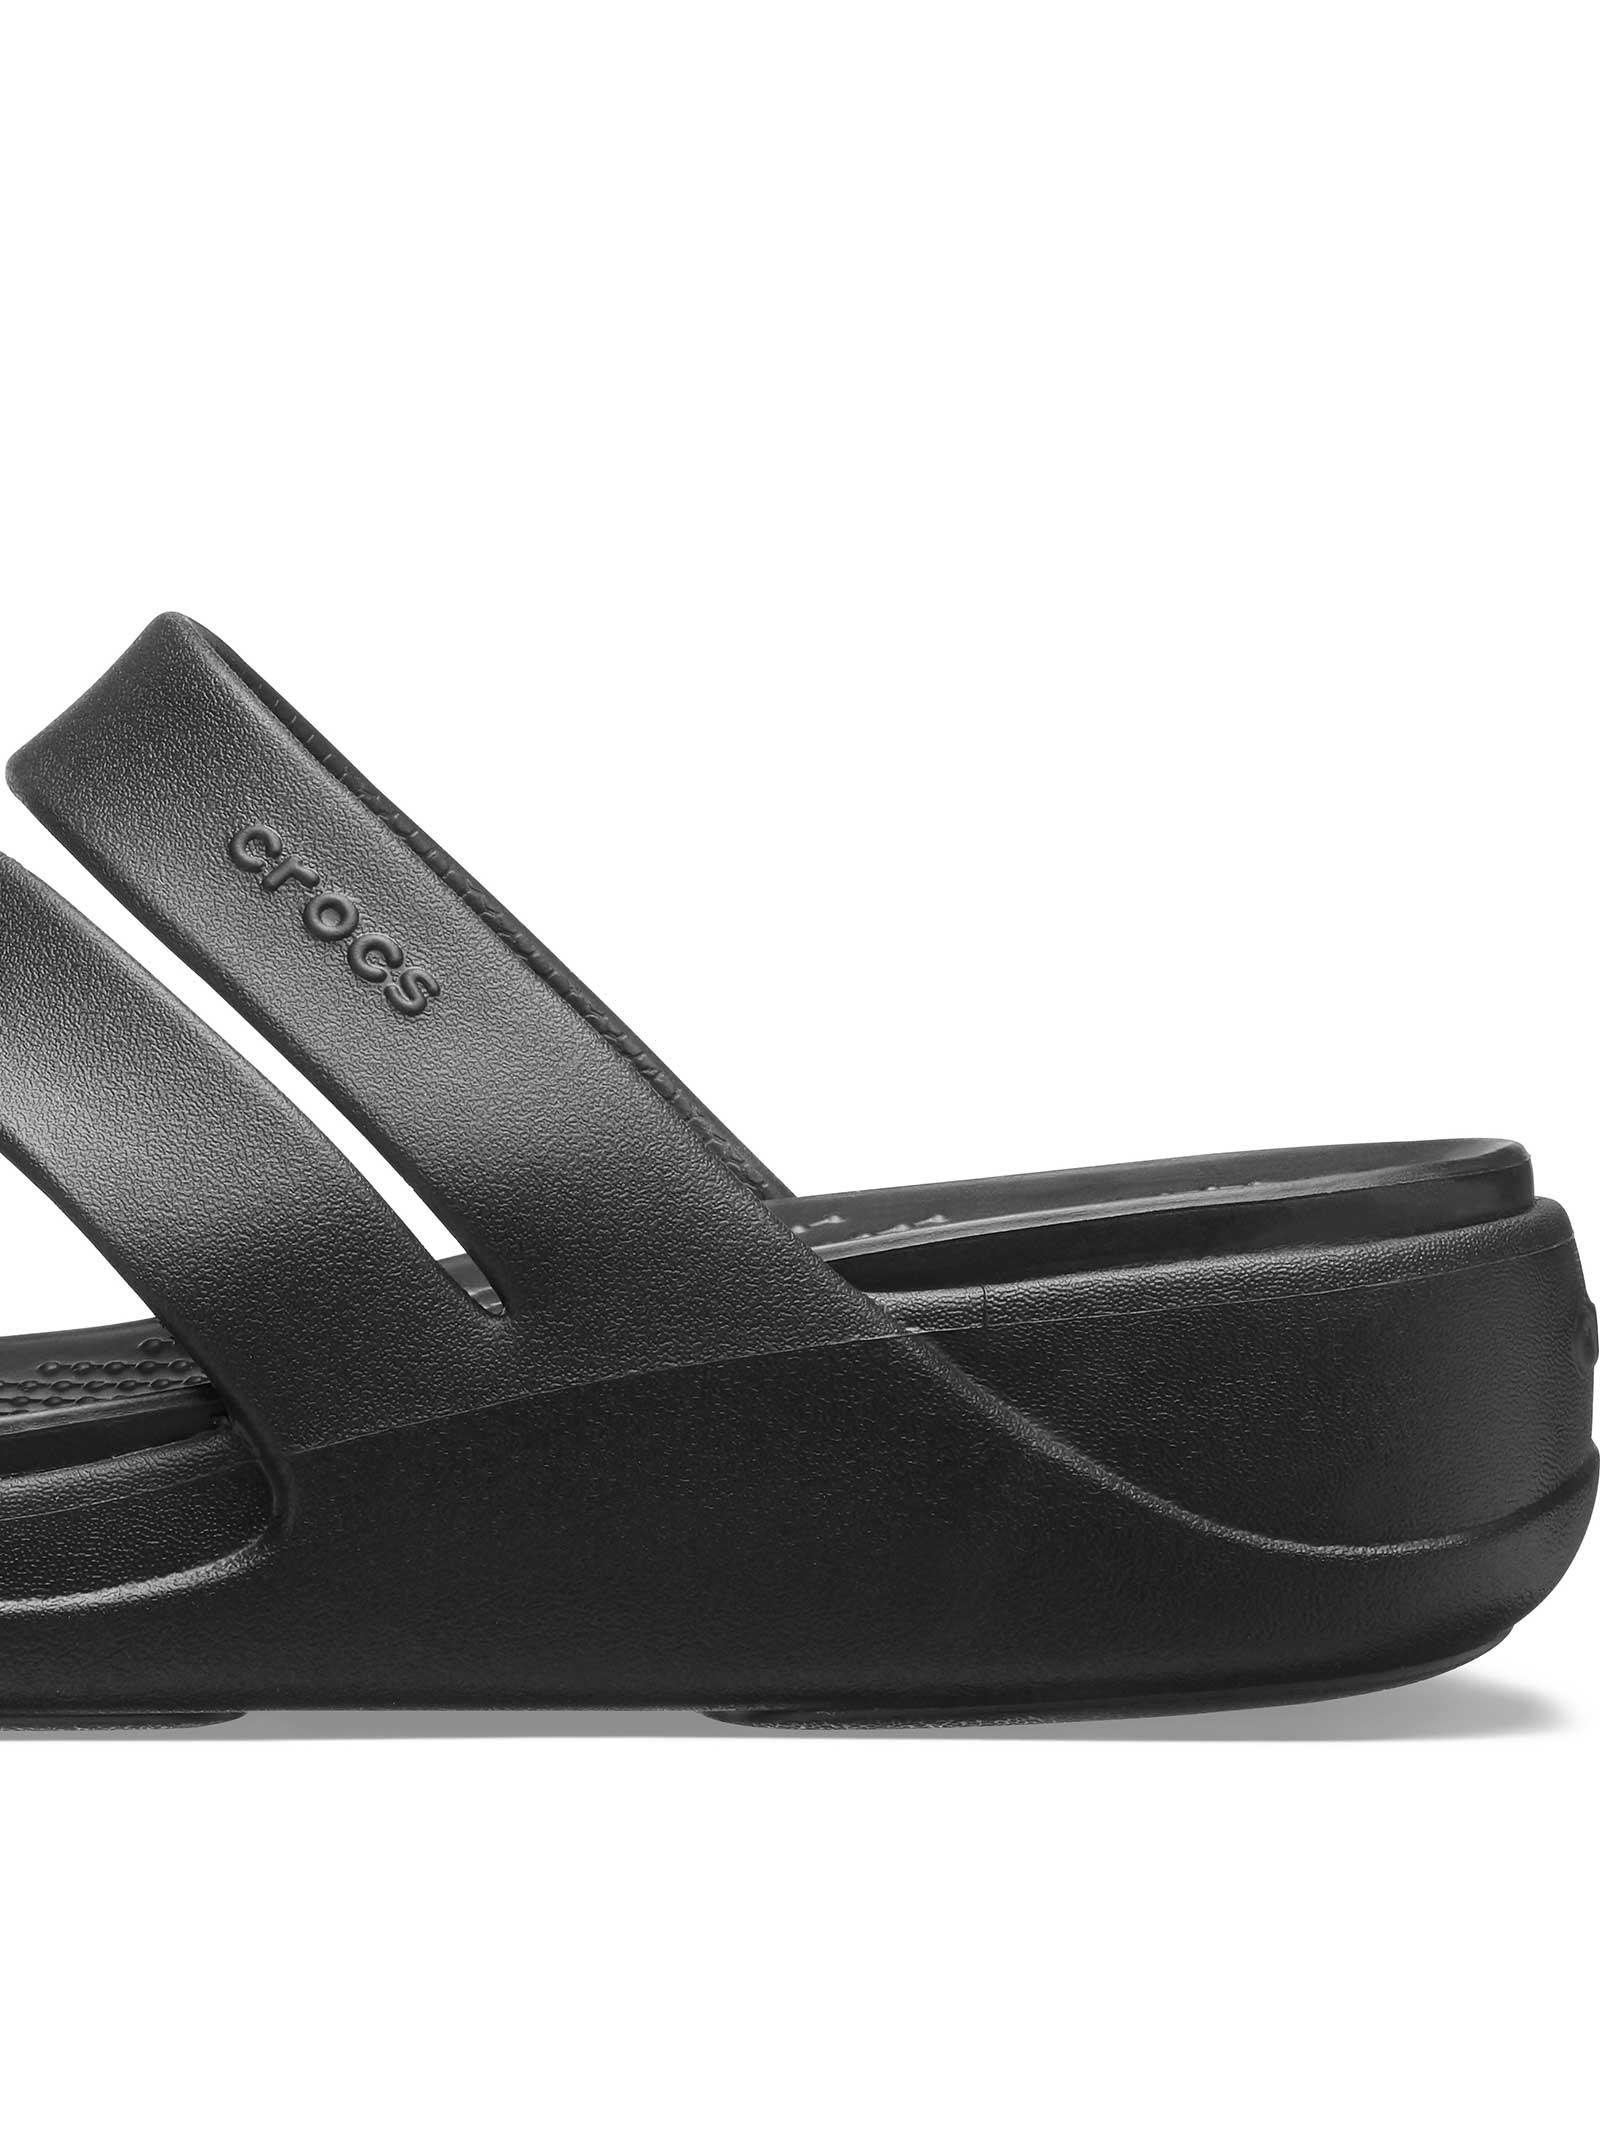 SANDALO DONNA CROCS   Sandalo   206304001